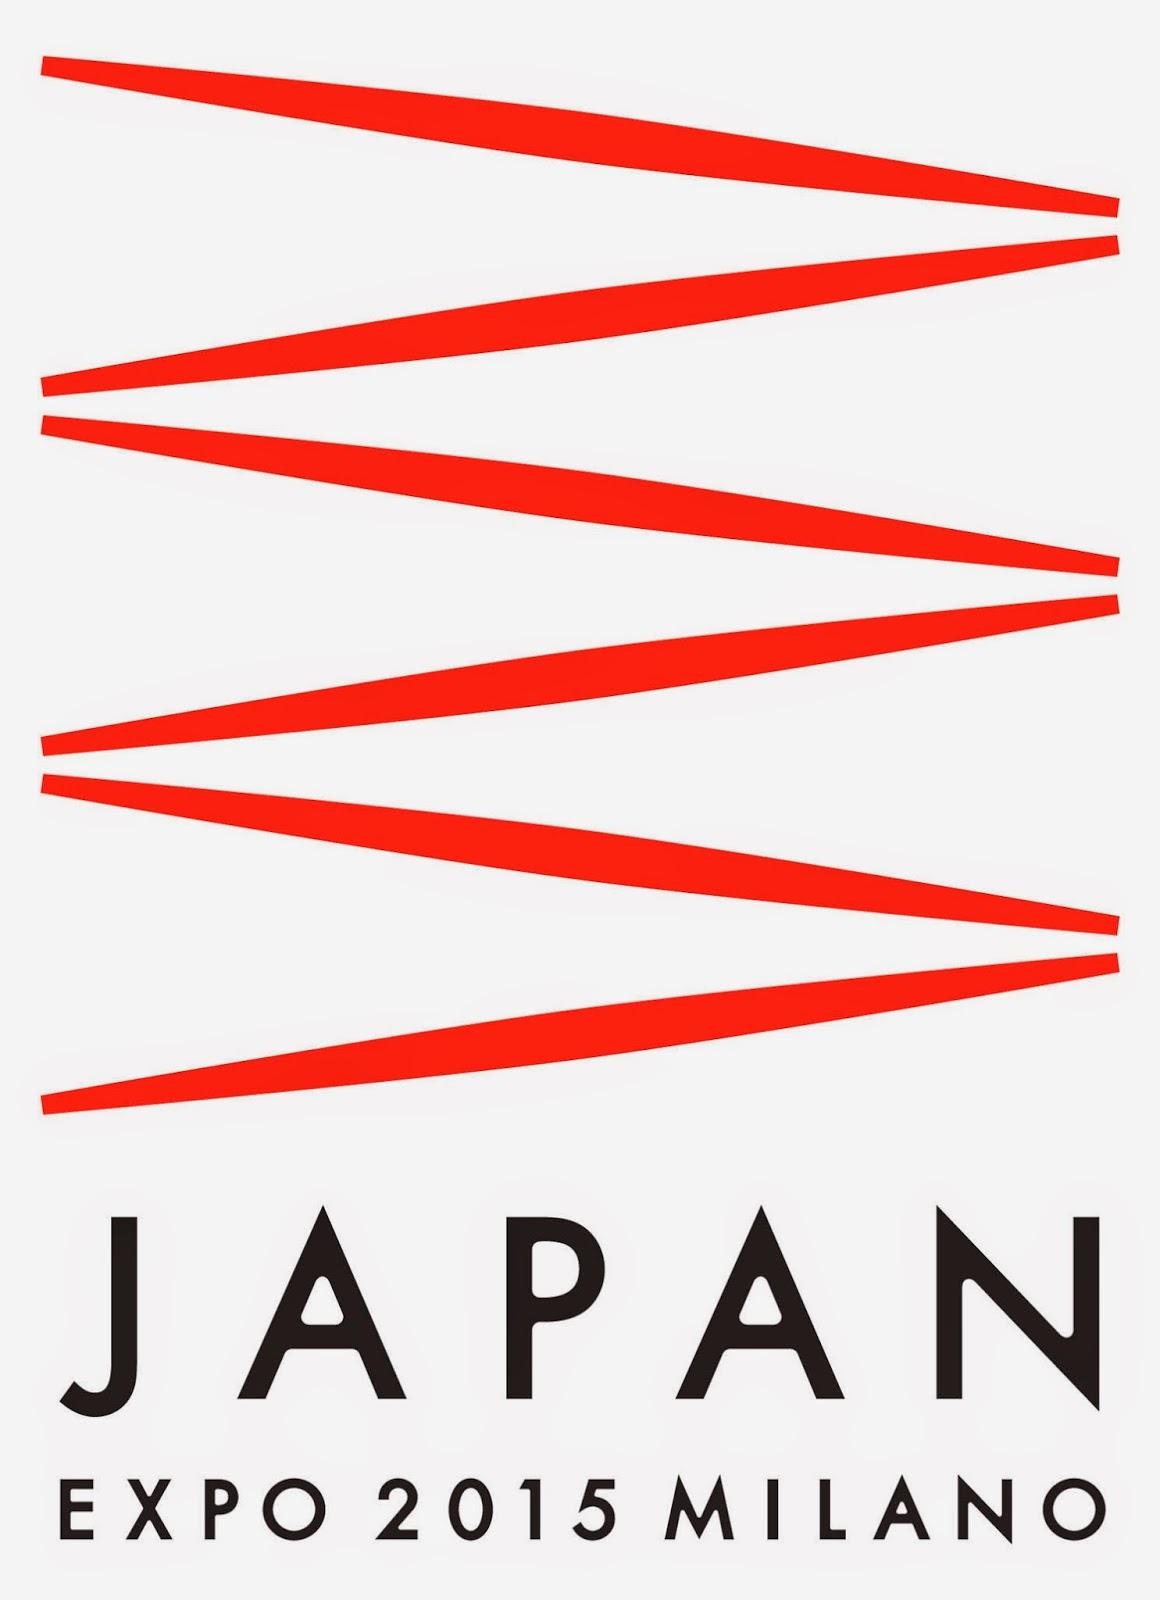 Japan Pavilion Website